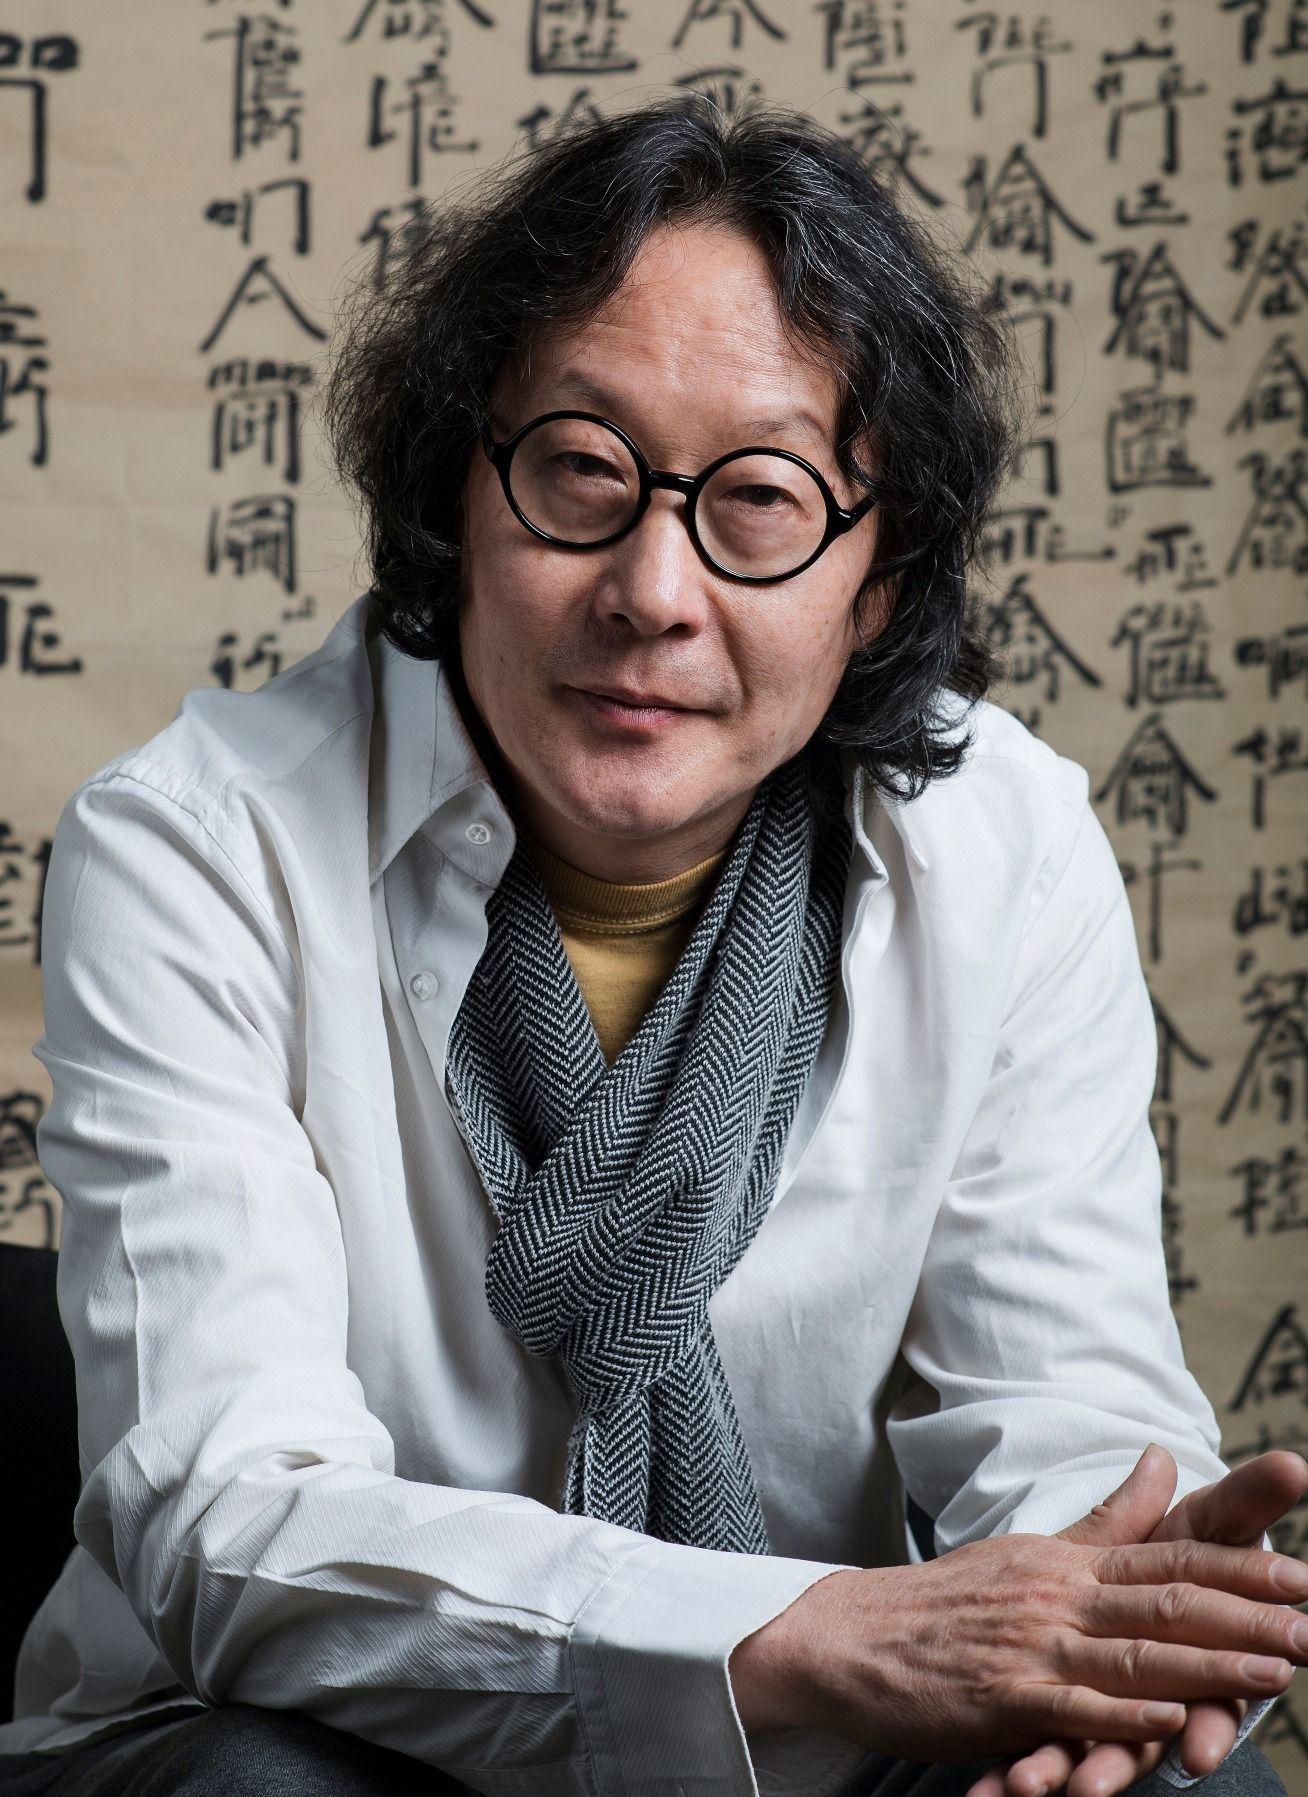 Photo: Xu Bing Studio